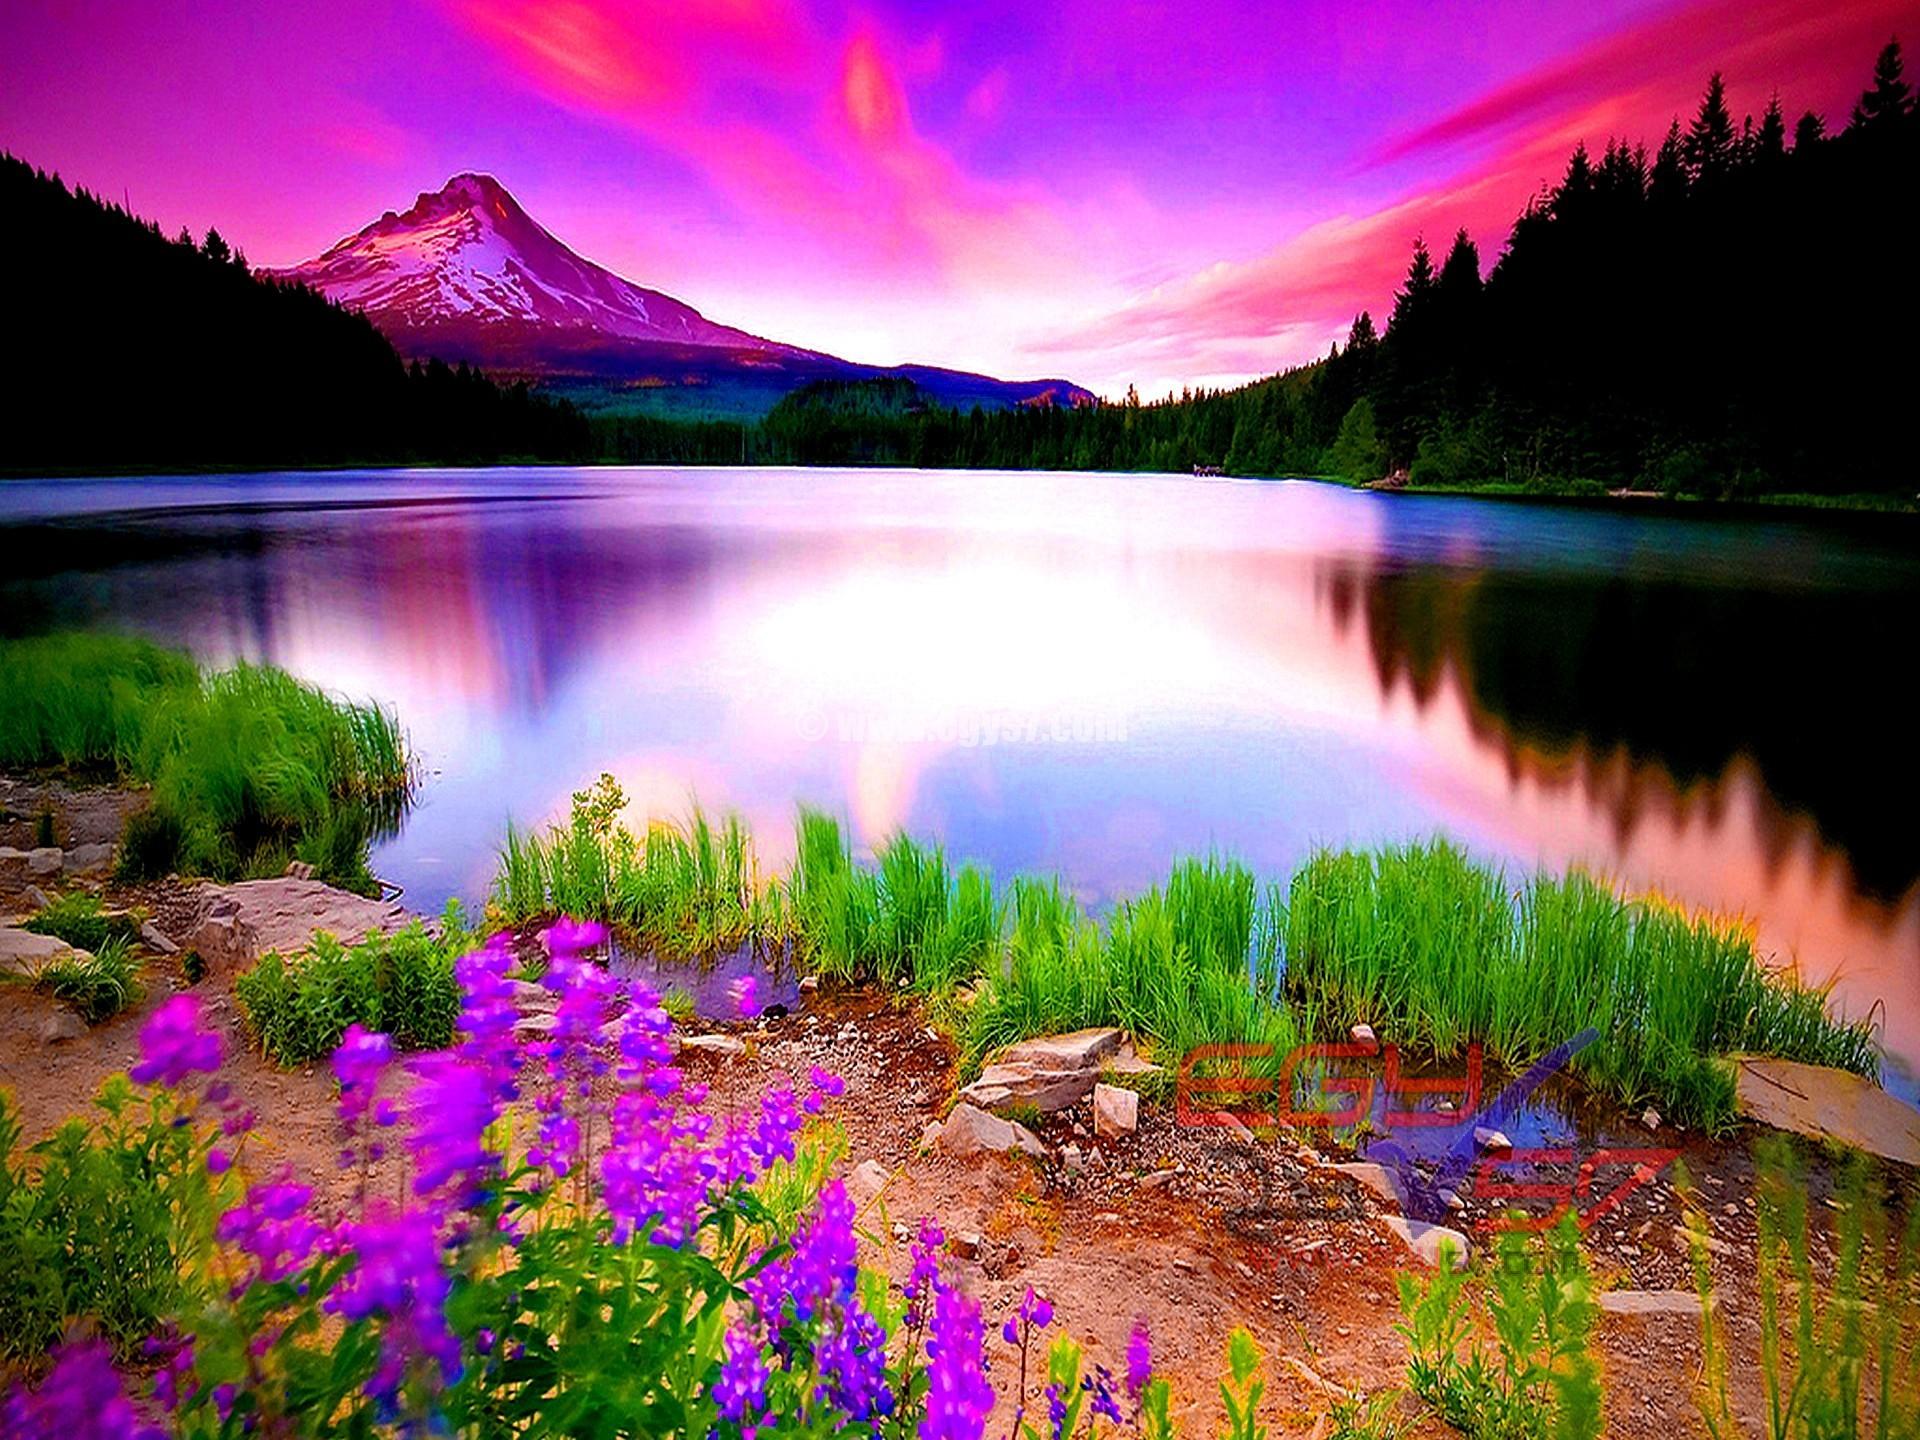 صورة صور من الطبيعة , احلى صور طبيعيه